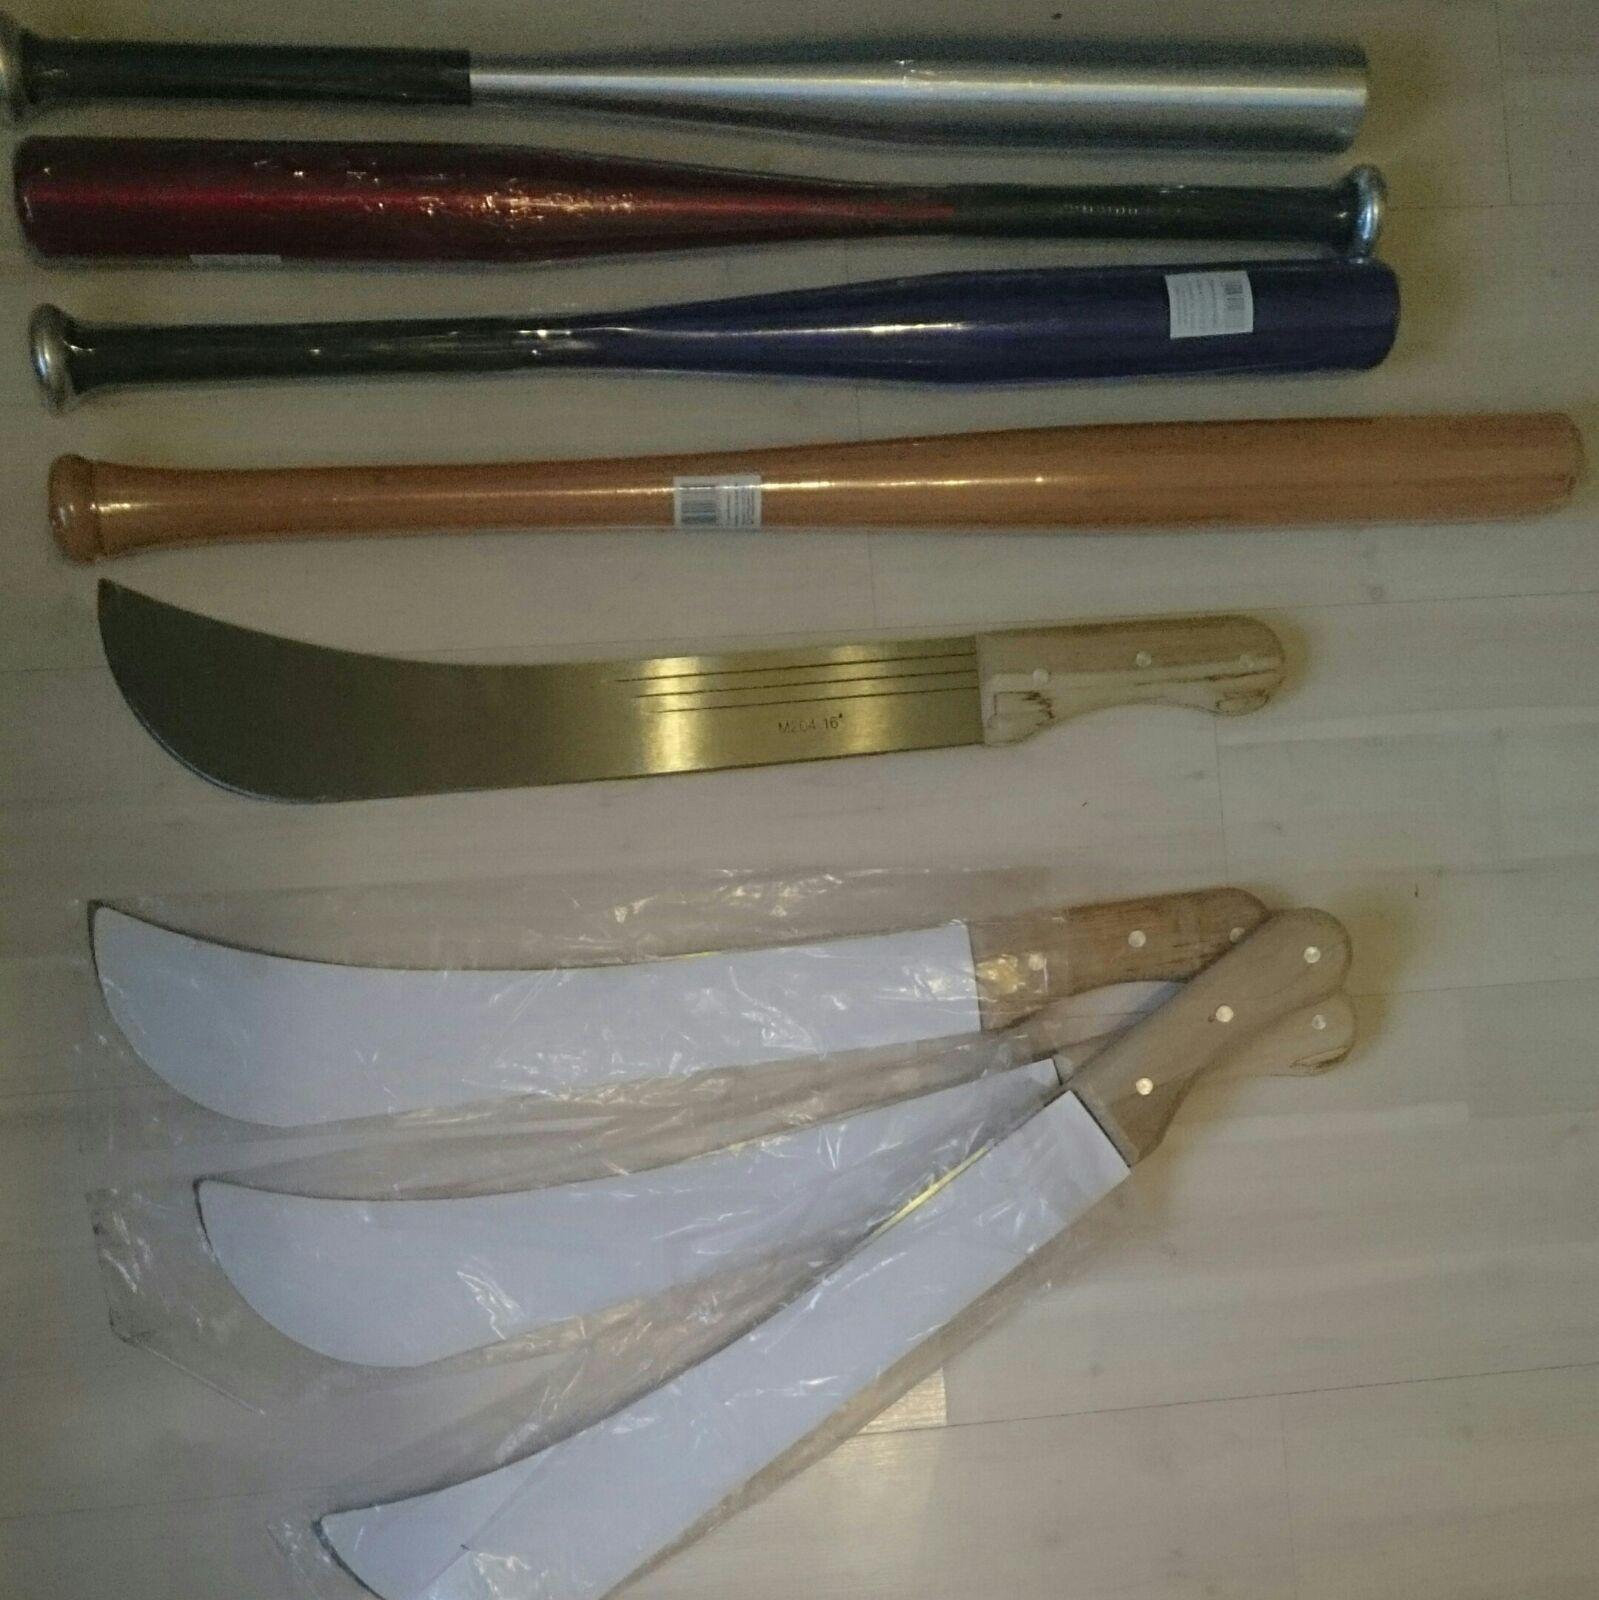 CENTERSHOP Machete 56cm für 2,99€ PVG ab 10€ und Baseballschläger Holz 71cm/Alu 63cm für 5,99€/6,99€ PVG 13€